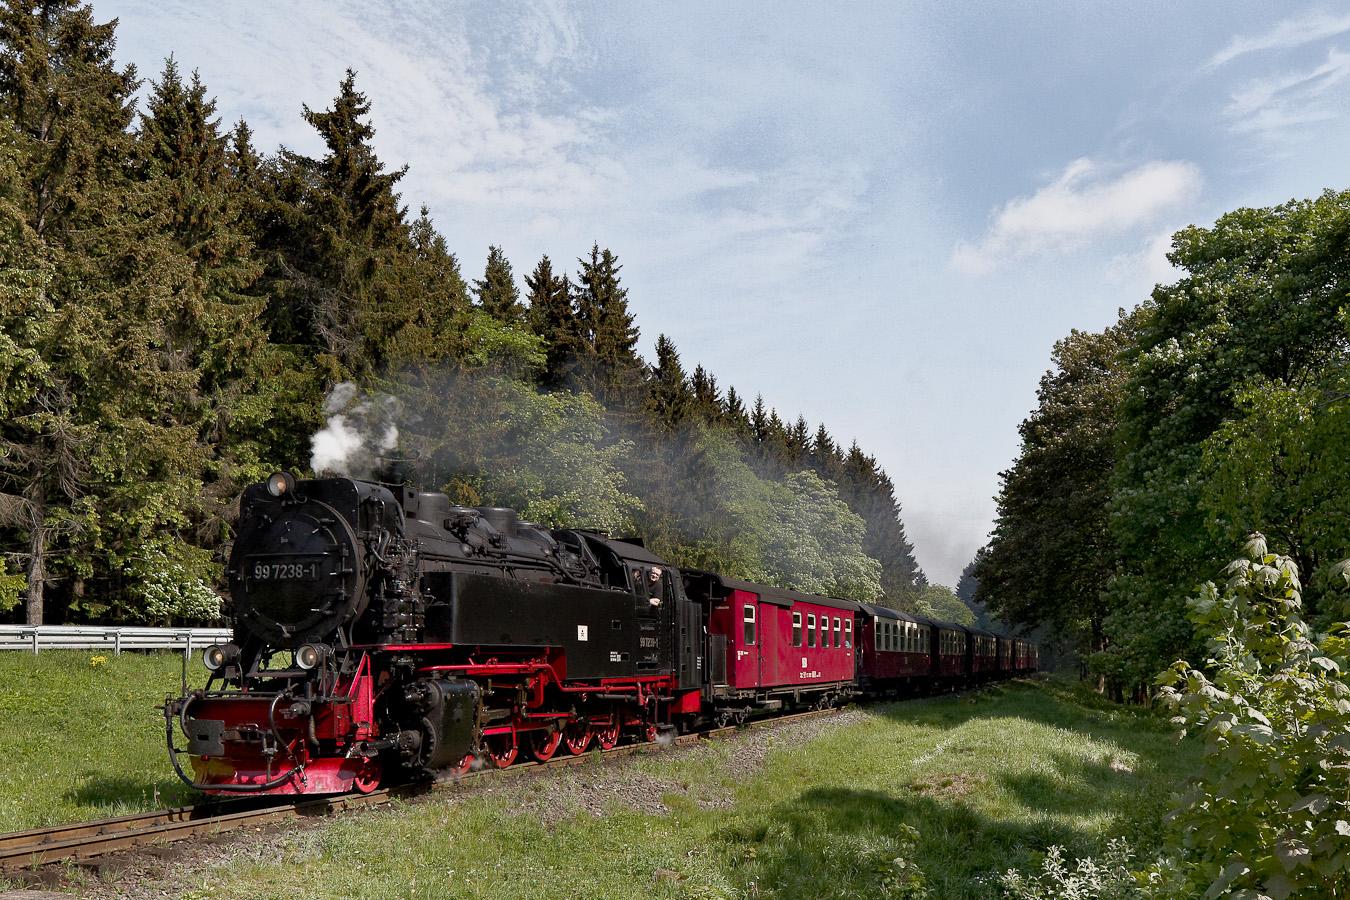 Die 99 7238-1 auf dem Weg zum Brocken